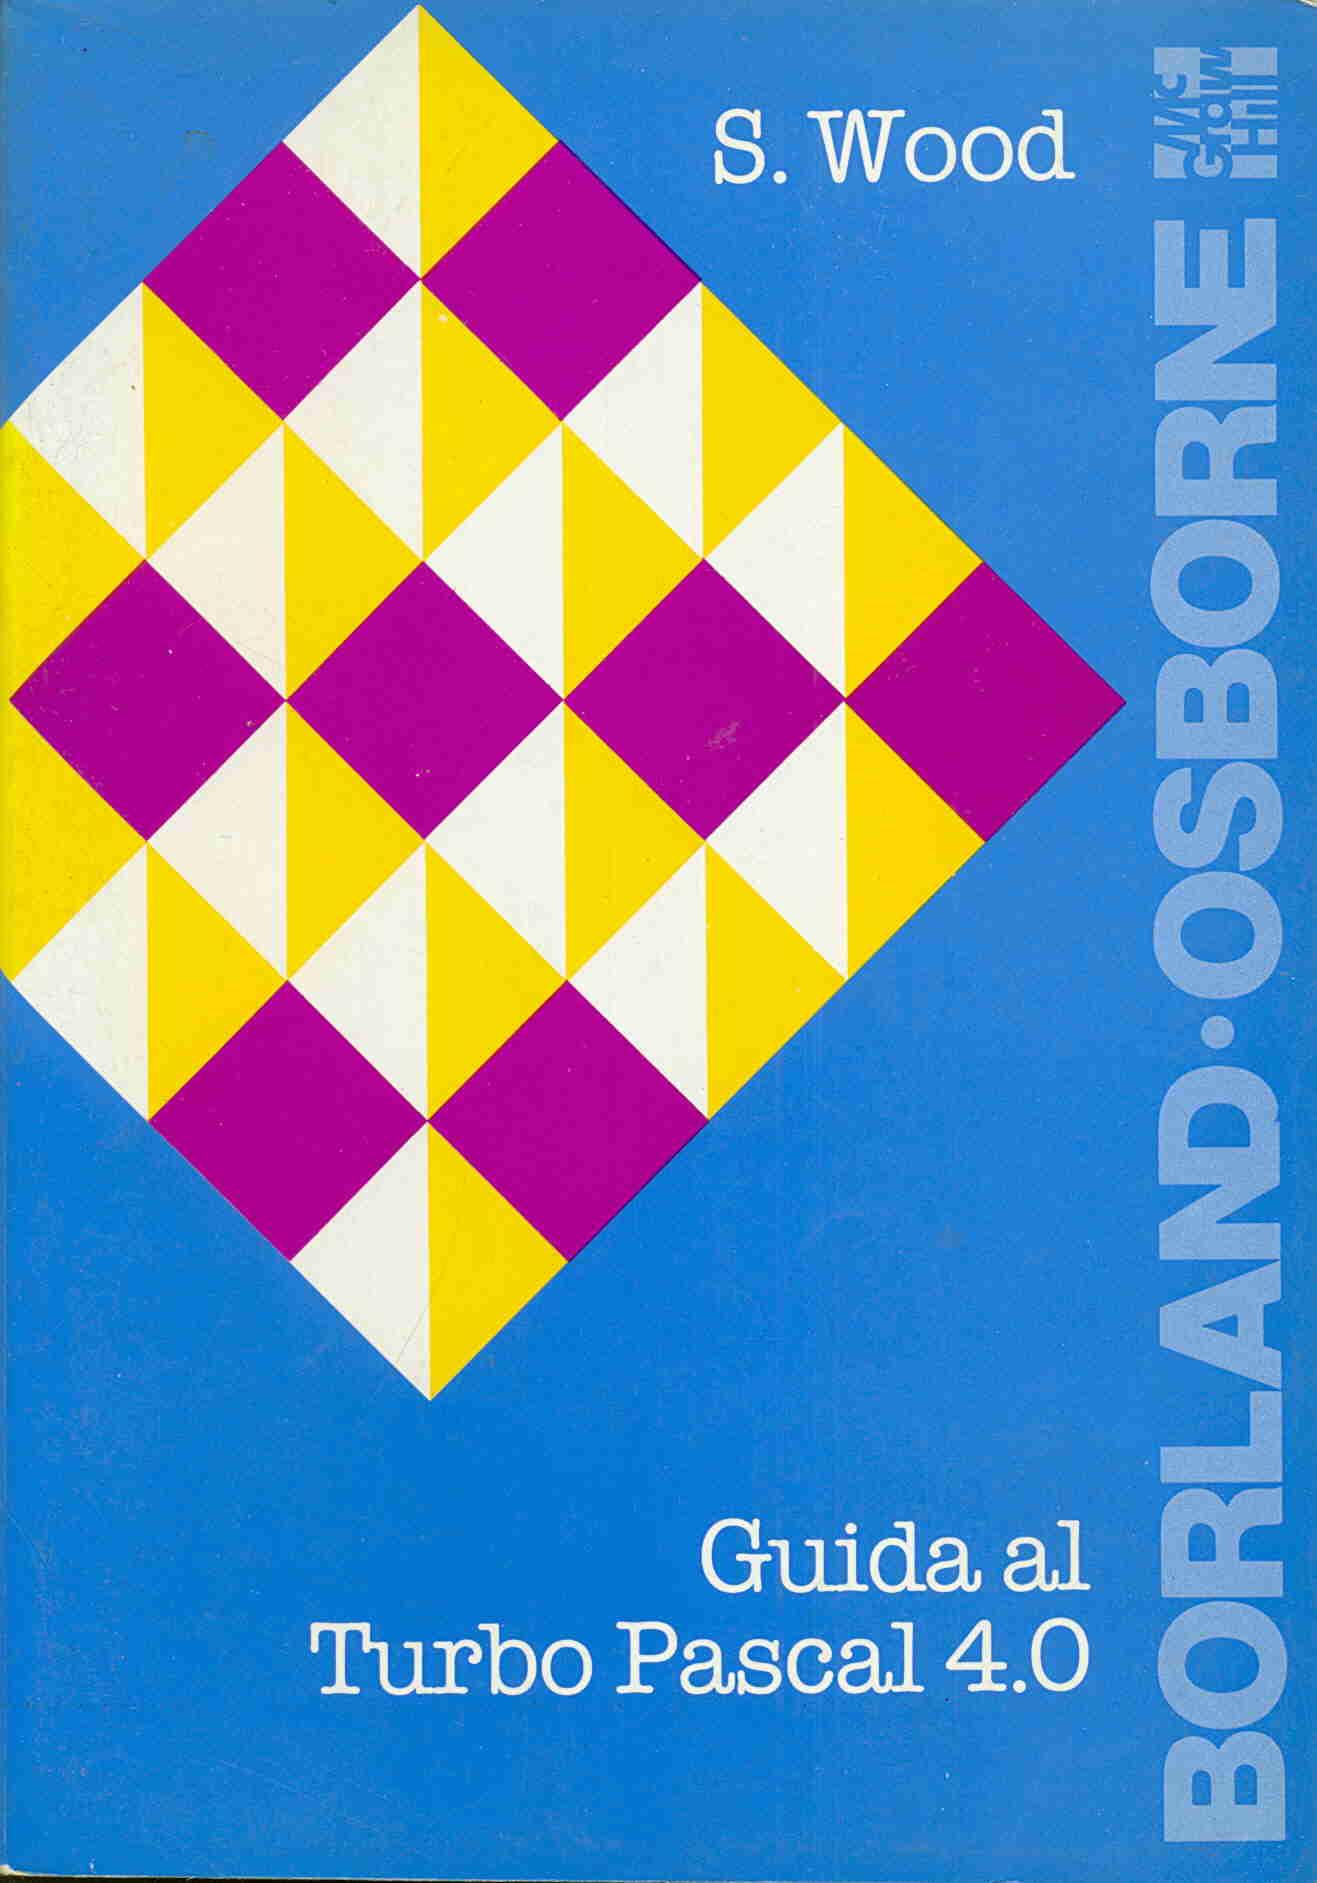 Guida al Turbo Pascal 4